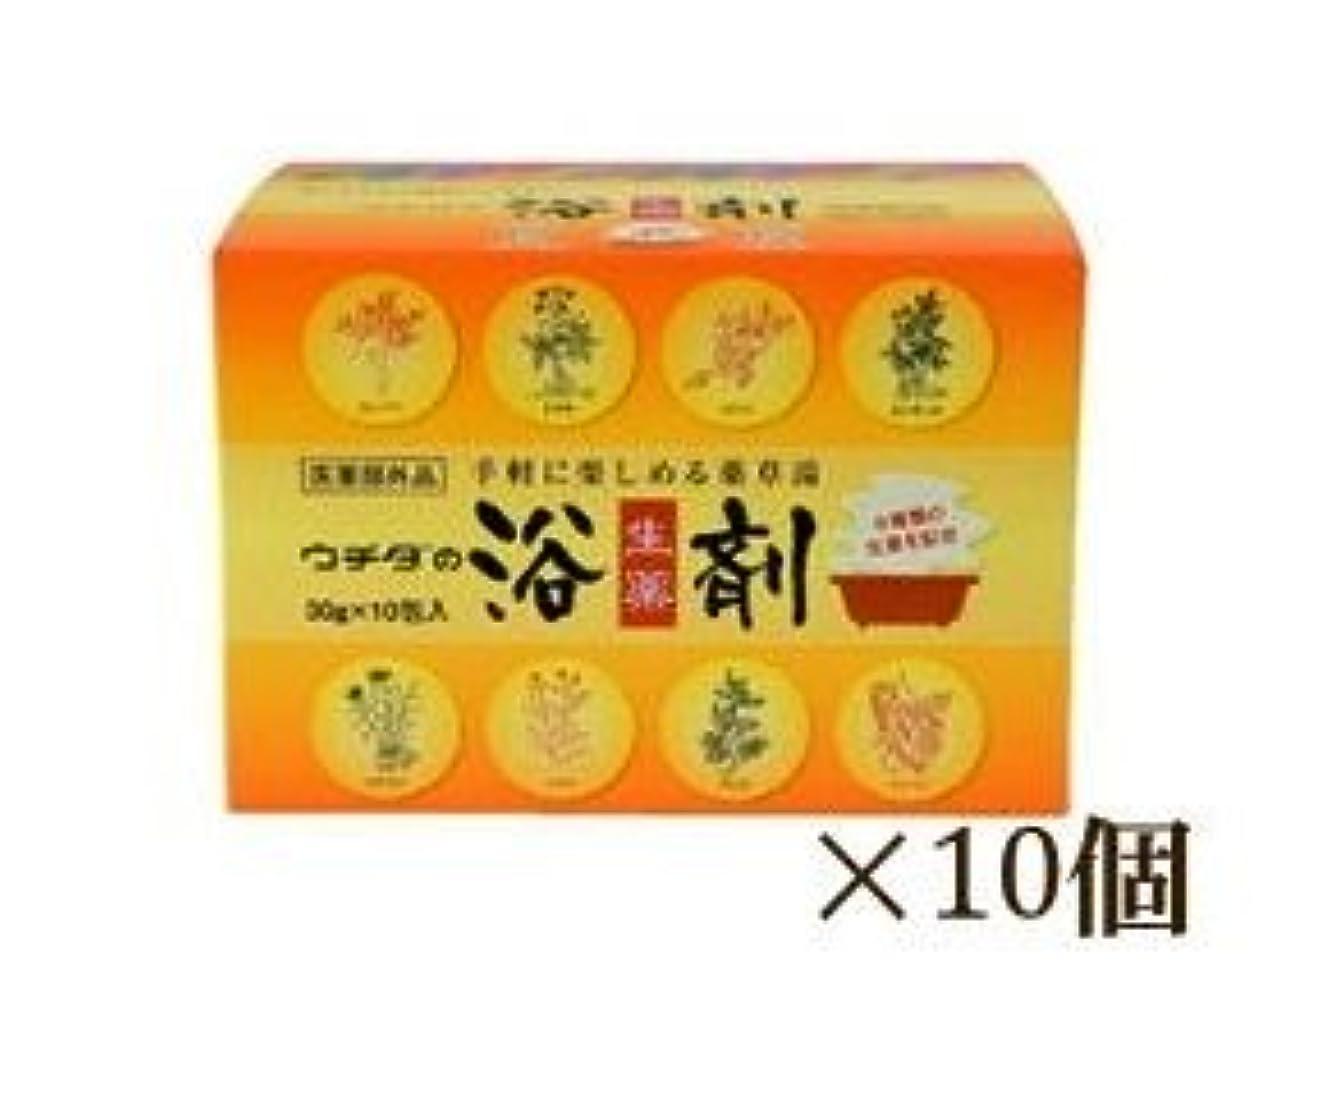 受益者報告書いうウチダの生薬浴剤 10箱セット (1箱30g×10包) 医薬部外品